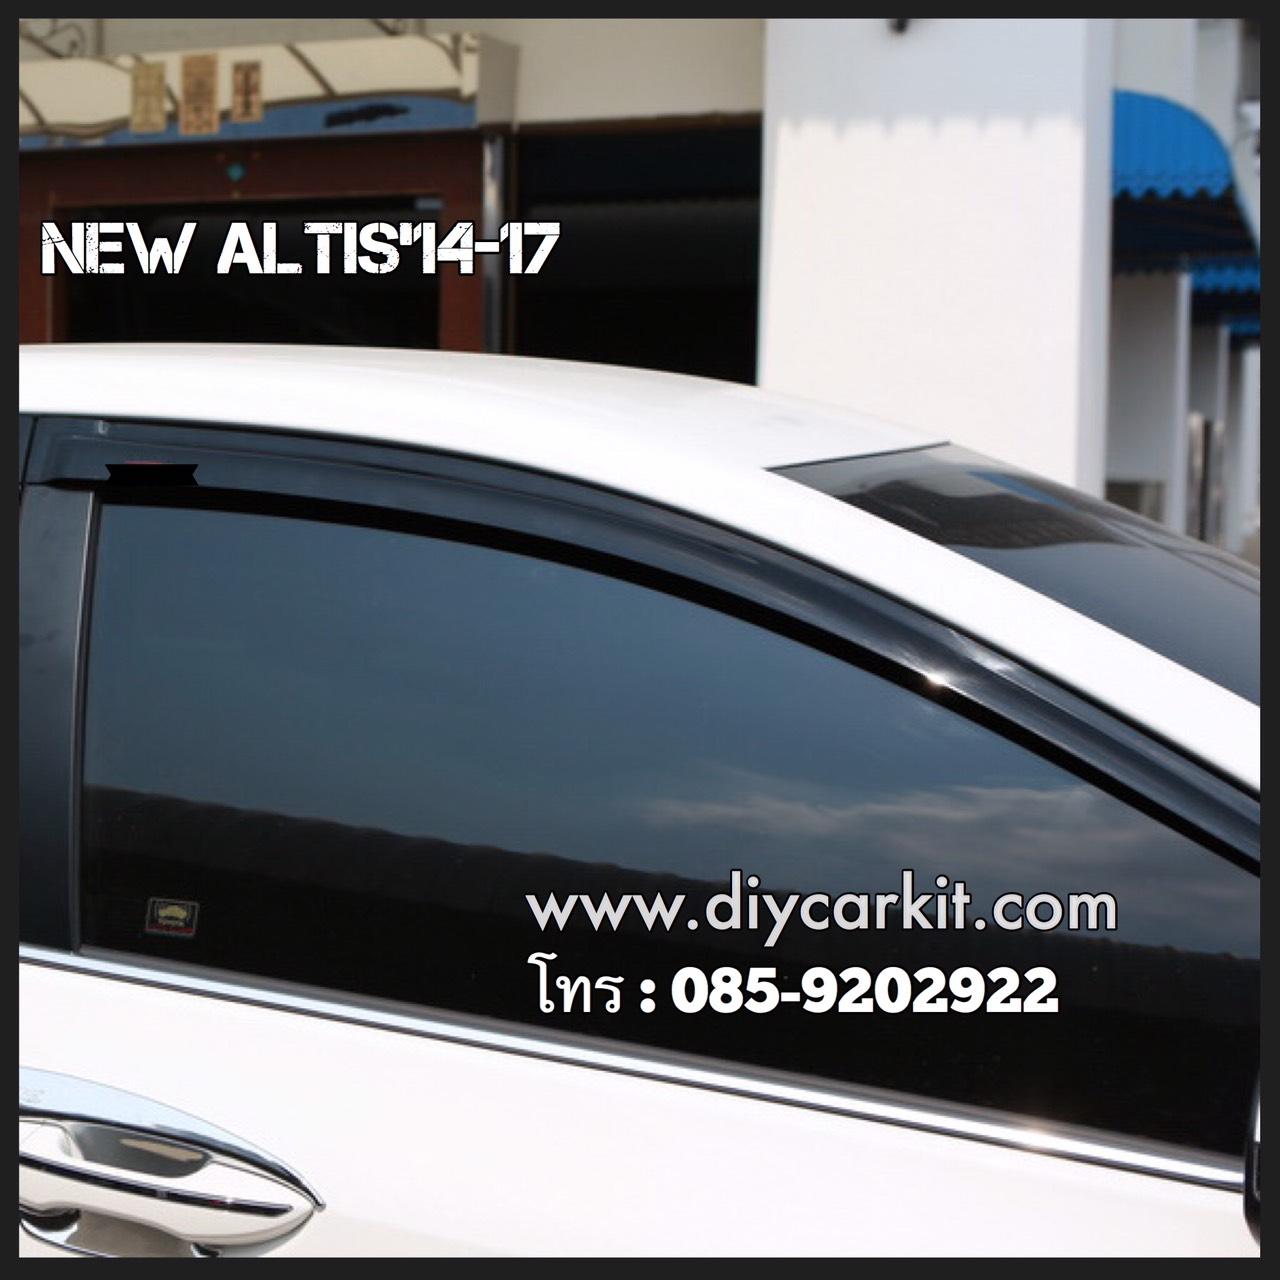 กันสาดประตูรถยนต์ New Altis 2014